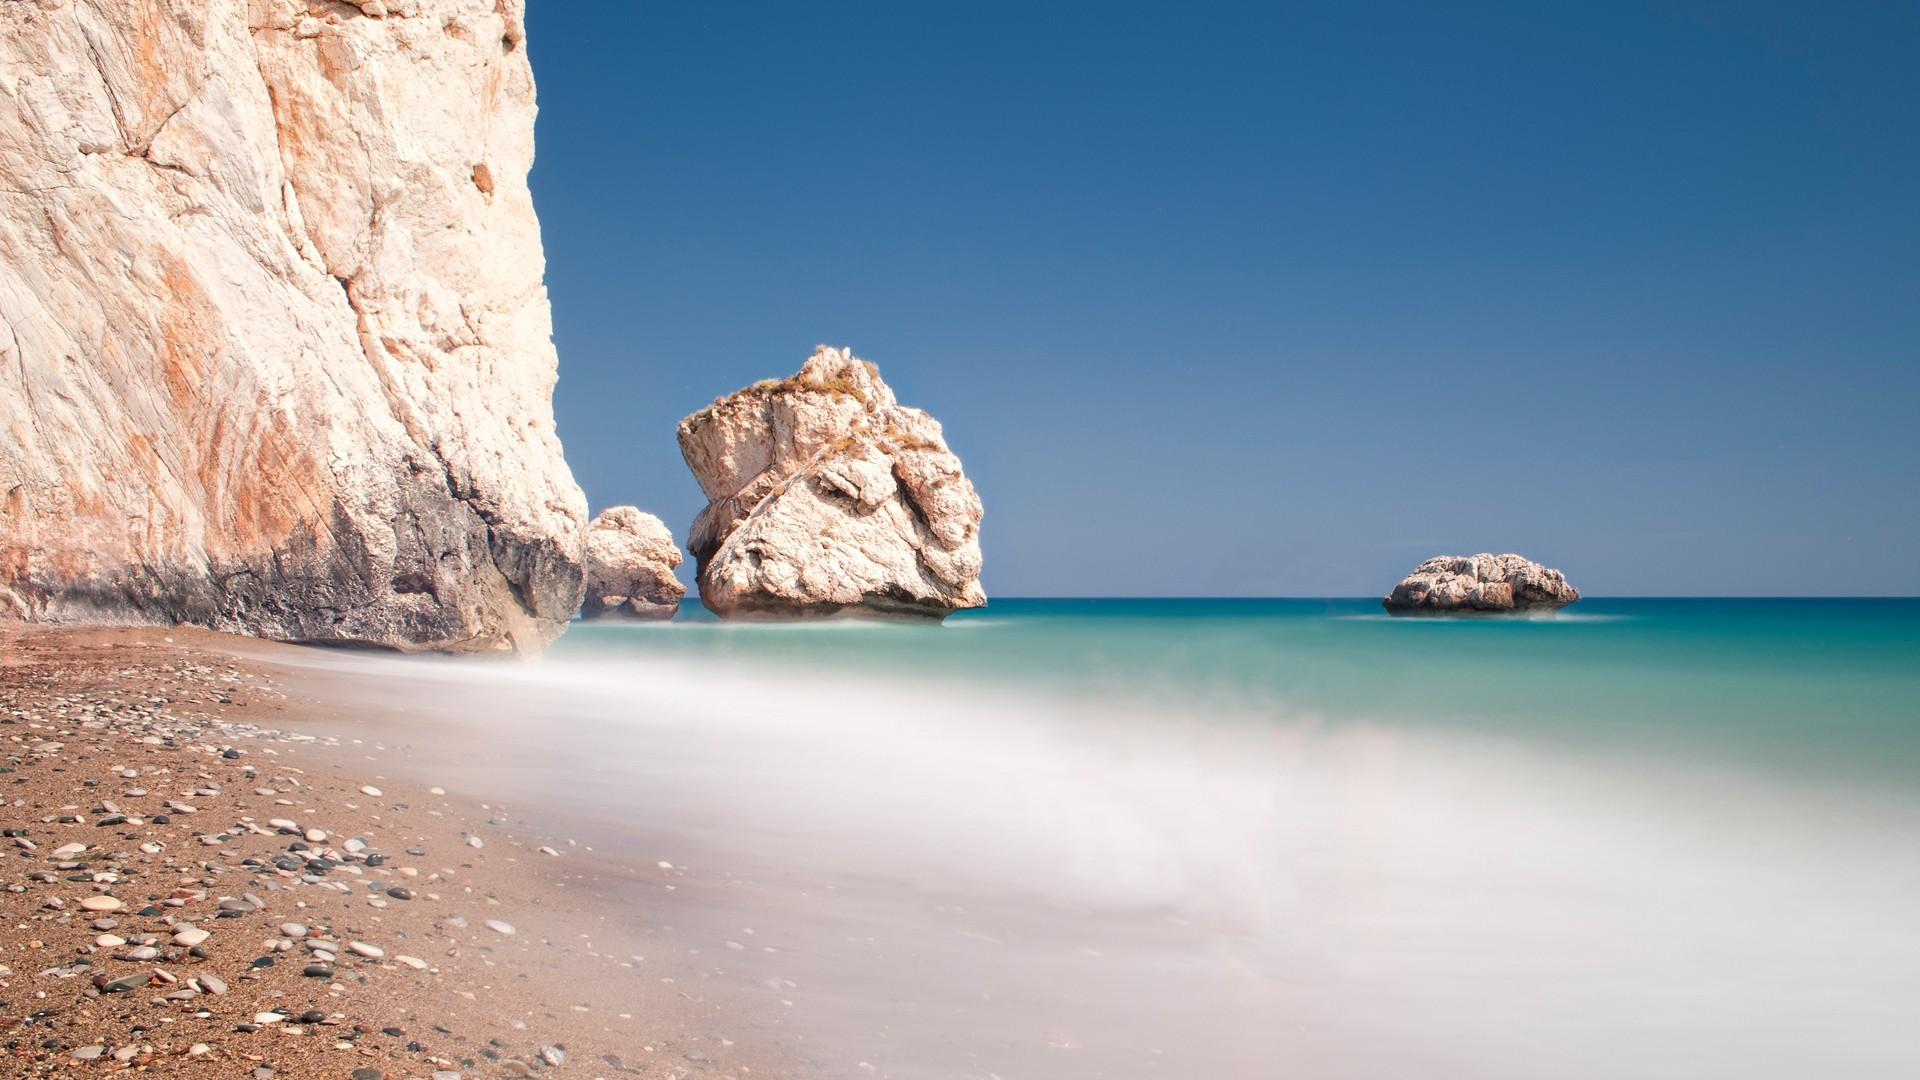 Sfondi acqua 40 immagini for Sfondi paesaggi bellissimi